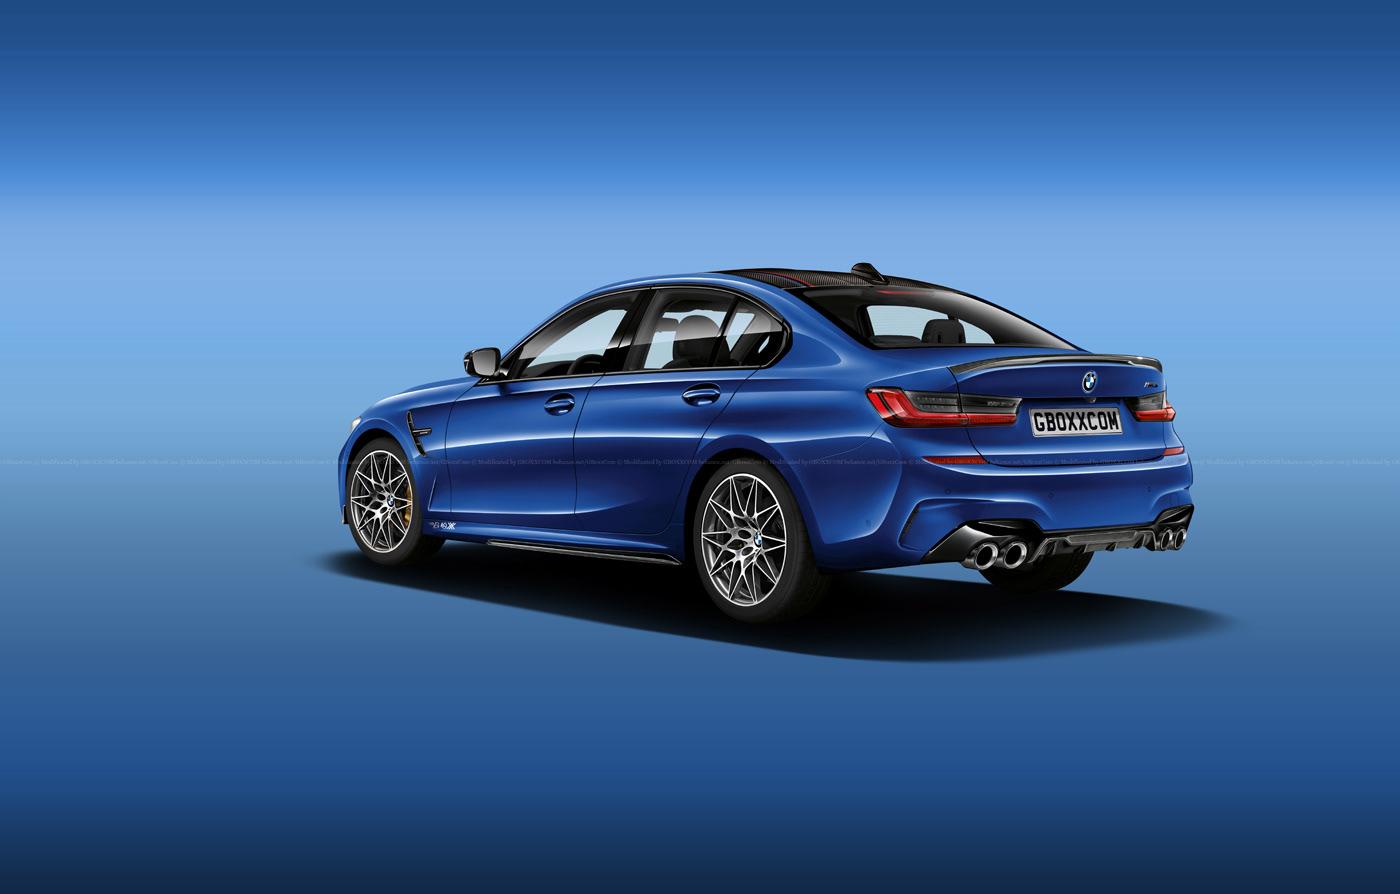 BMW M3, 3 Series Shooting Brake, Cabriolet and Pickup Renderings (2)